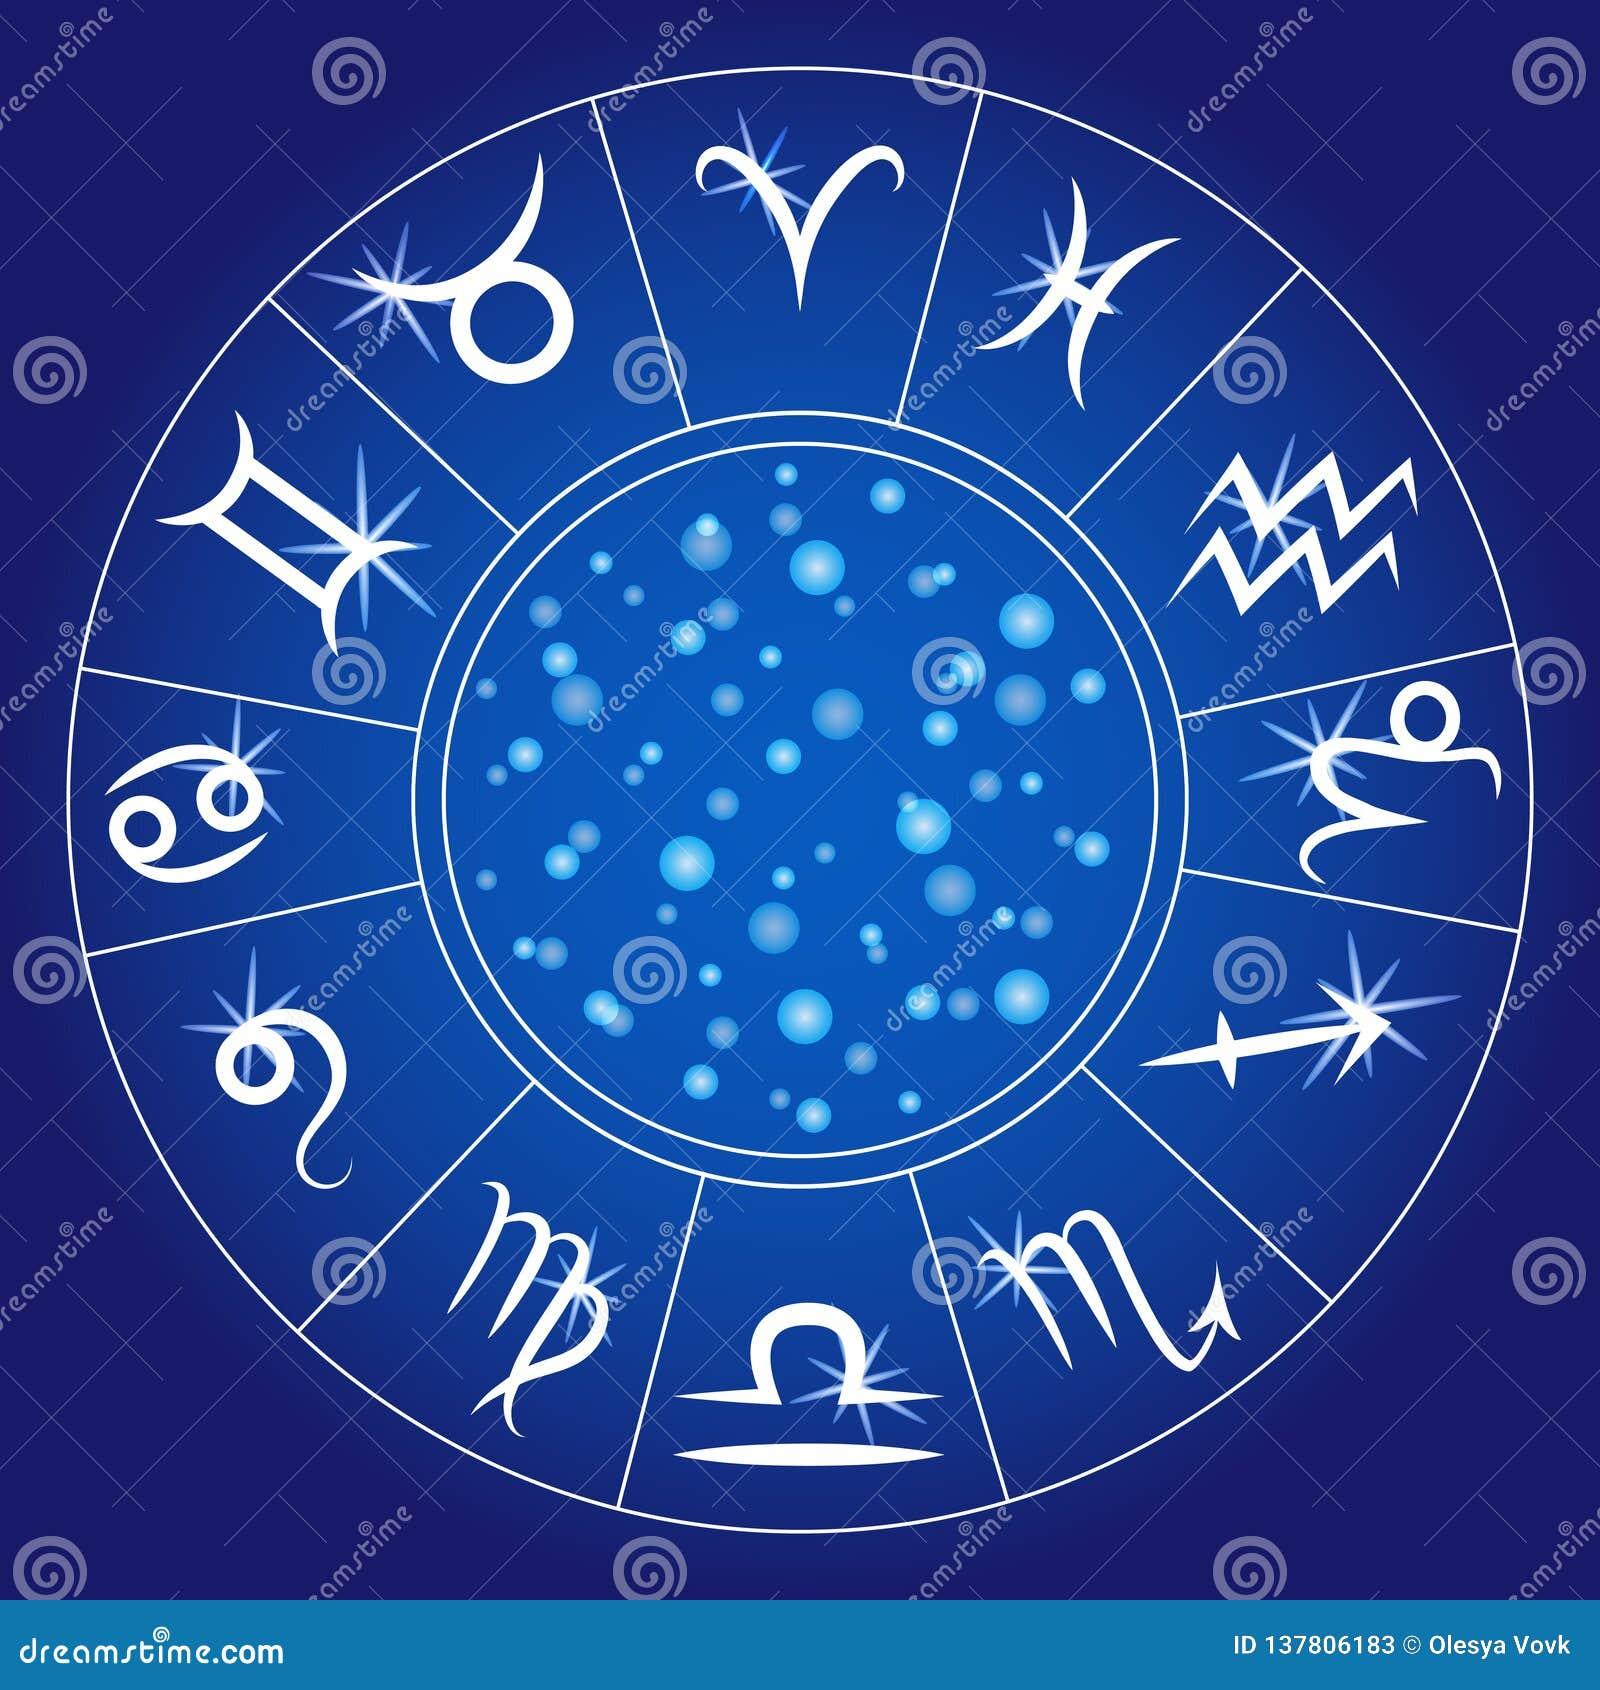 Calendario Zodiacale.Segni Dello Zodiaco Cerchio Zodiacale Calendario Astrologico